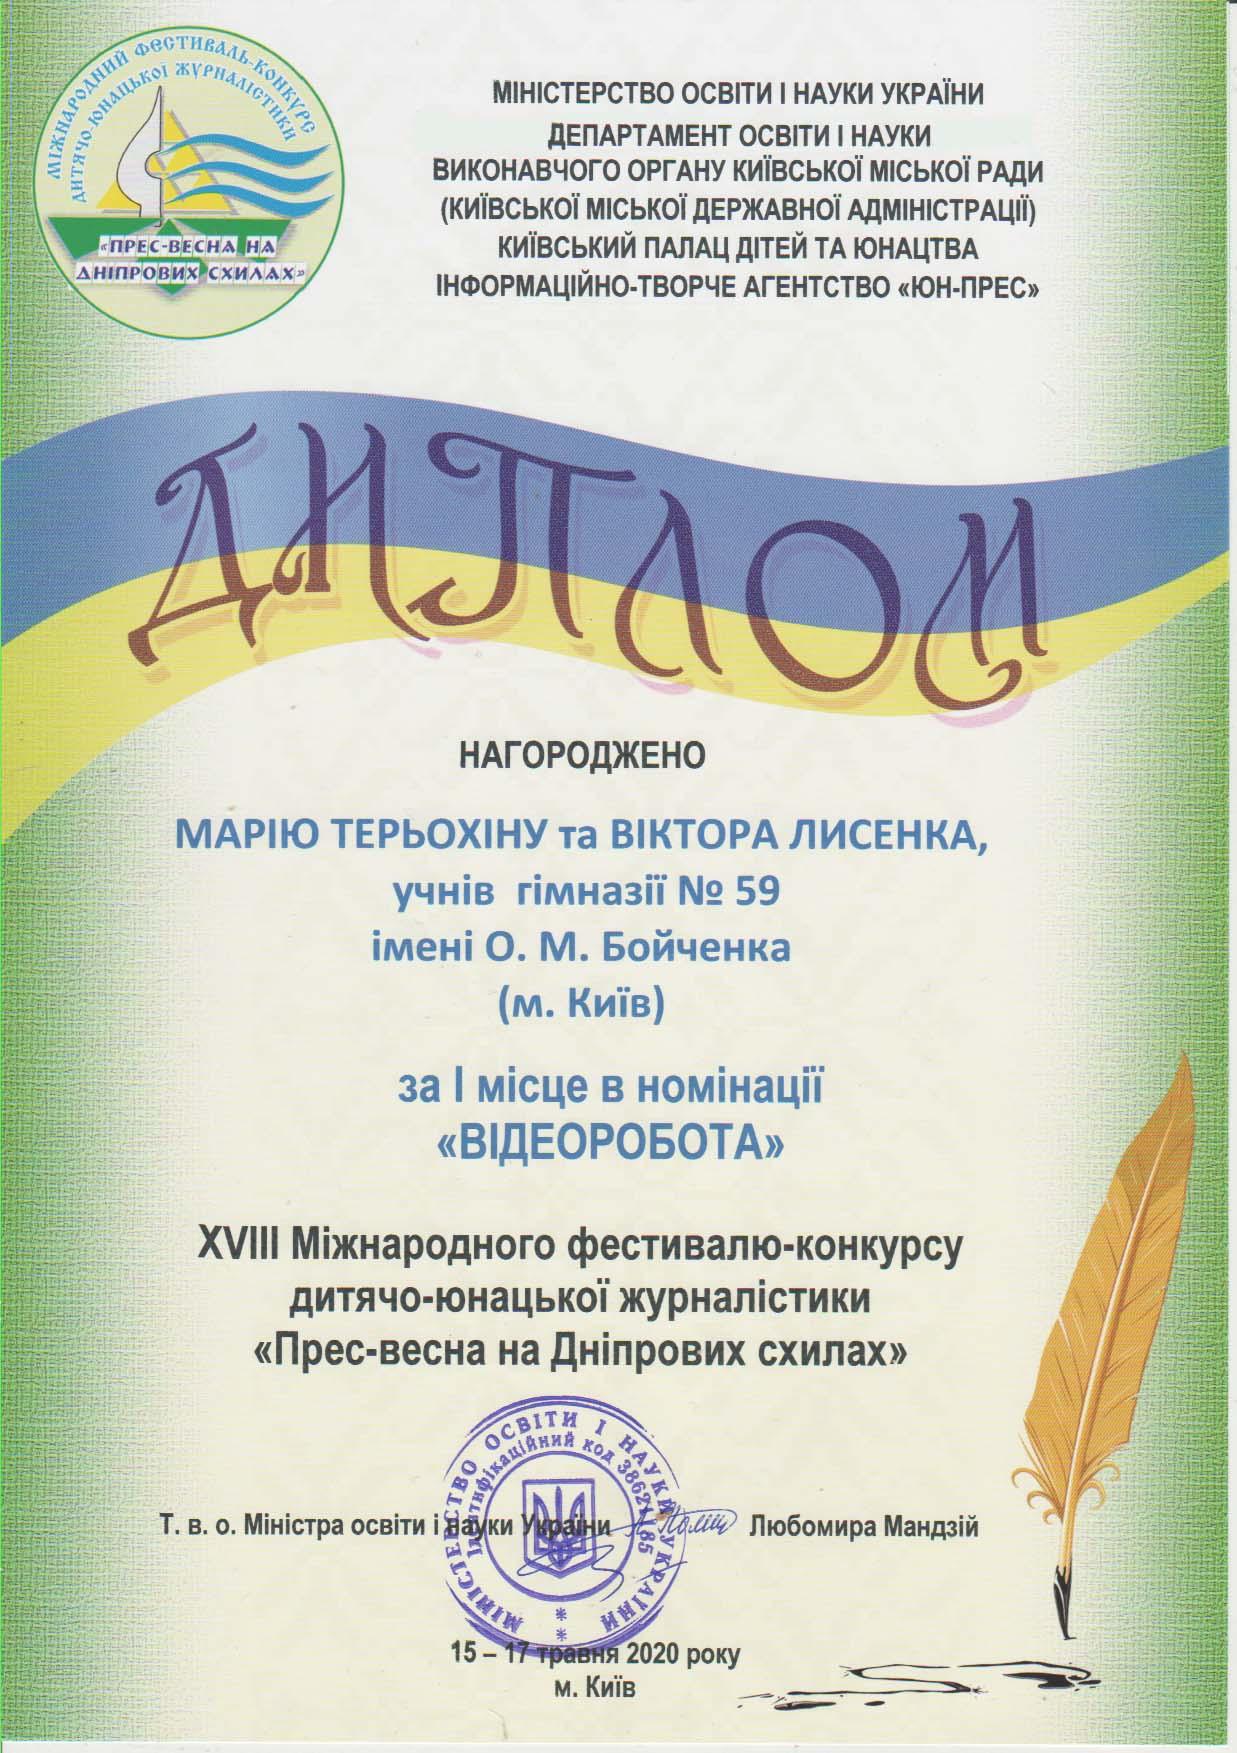 Марія Терьохіна Віктор Лисенко 1 відеоработа(1)